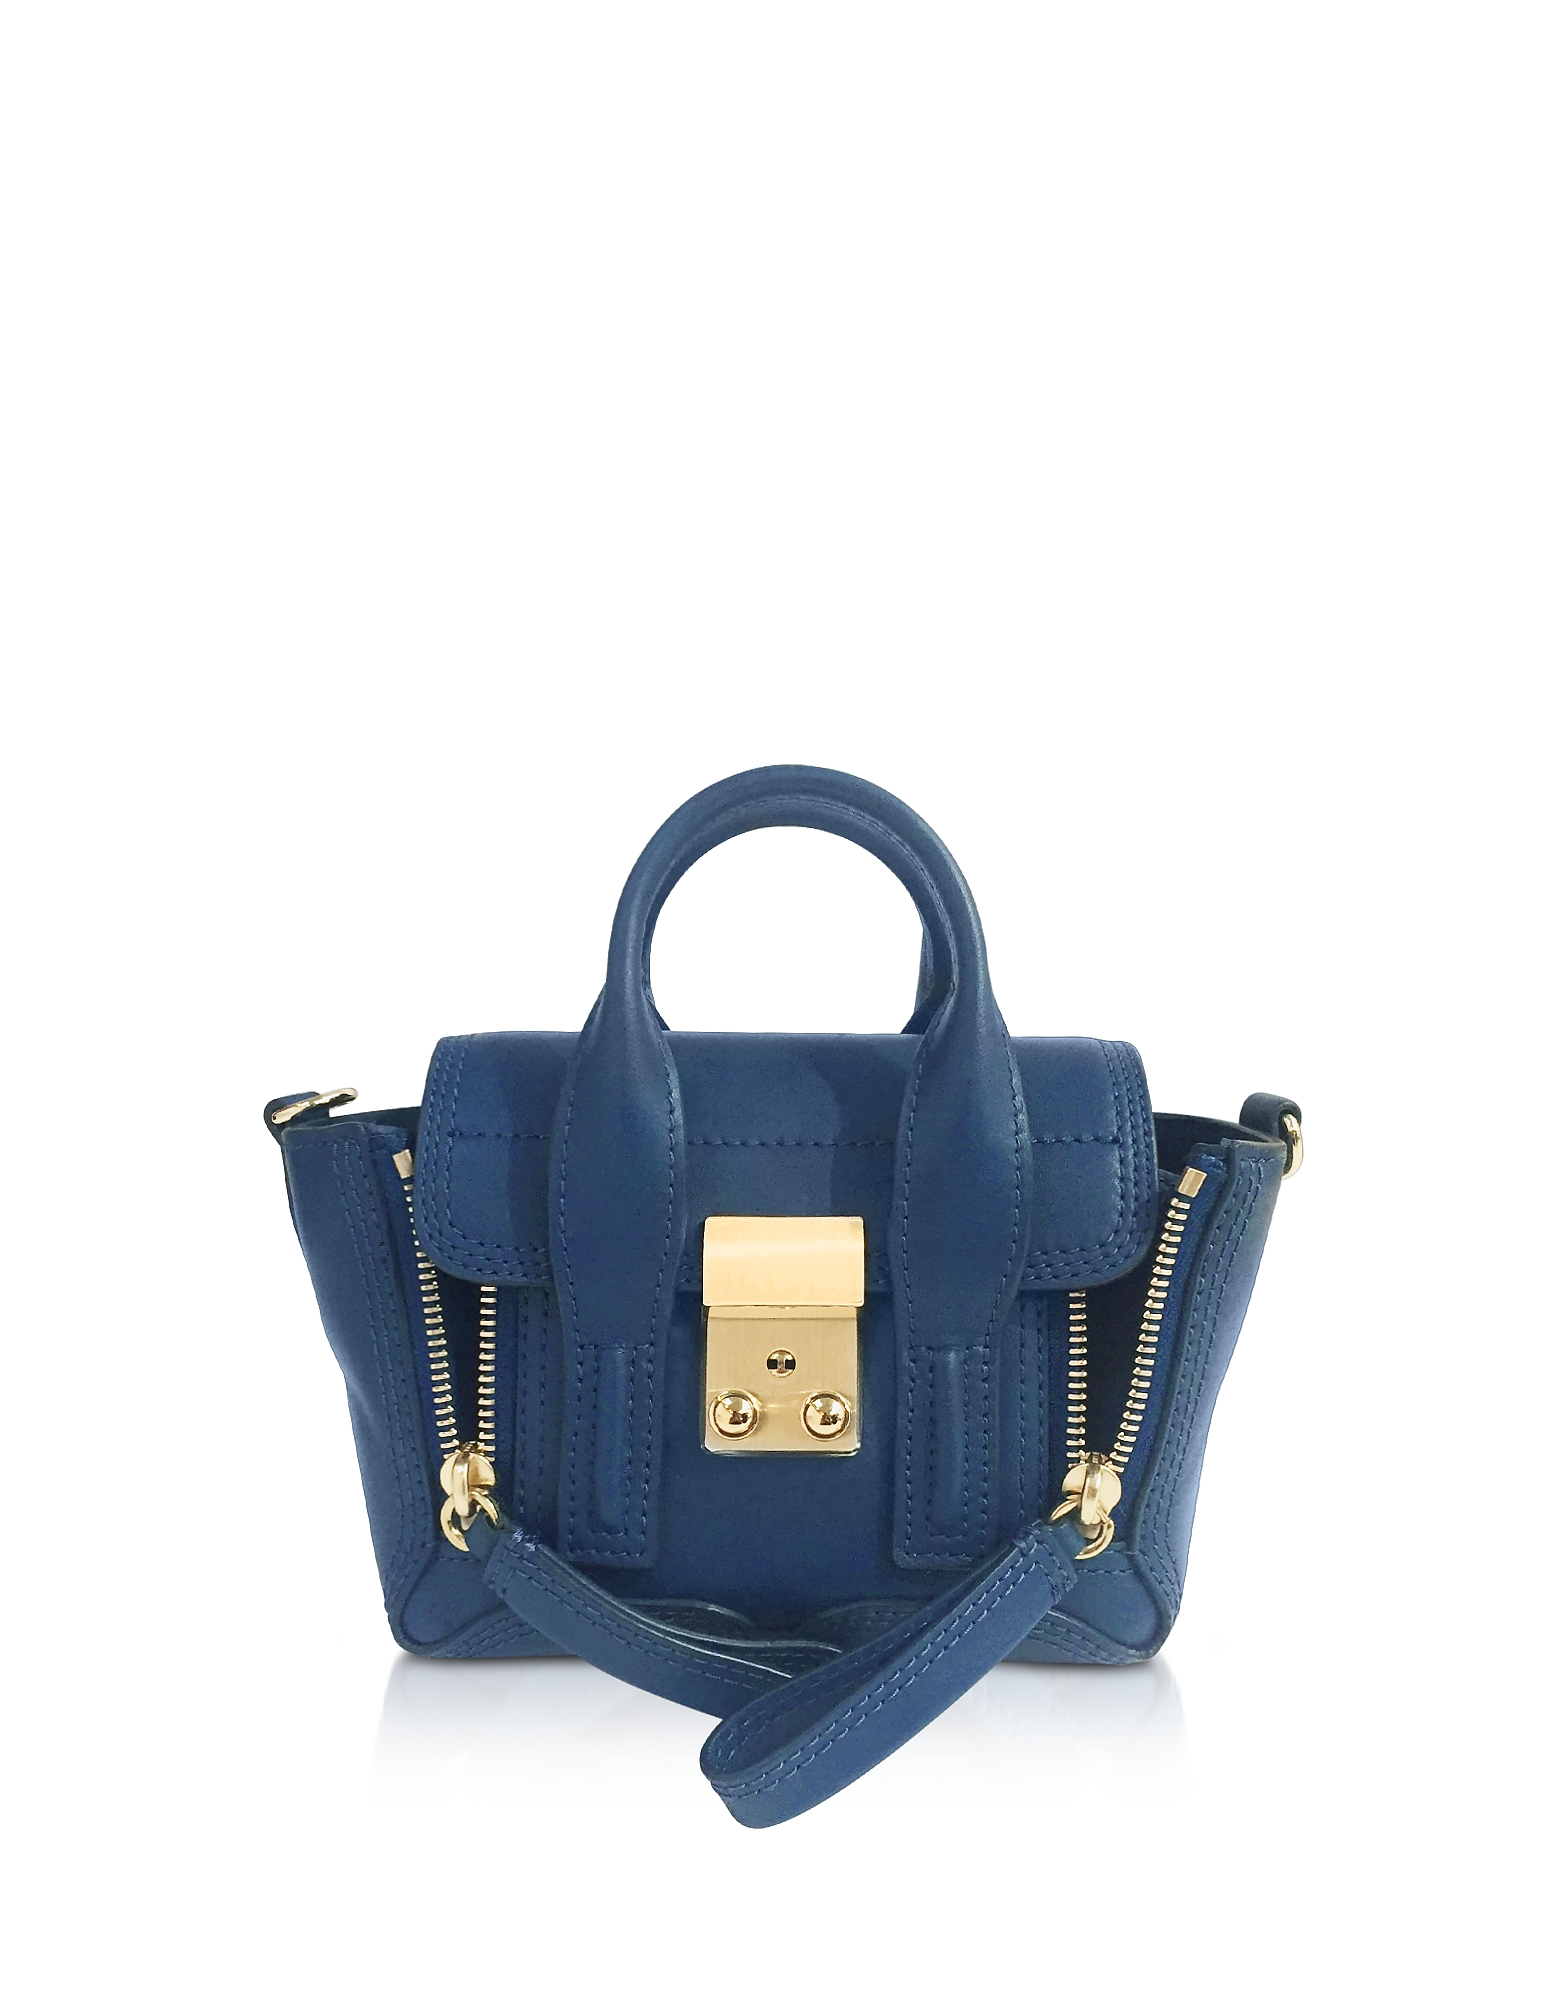 Pashli Nano Satchel Bag